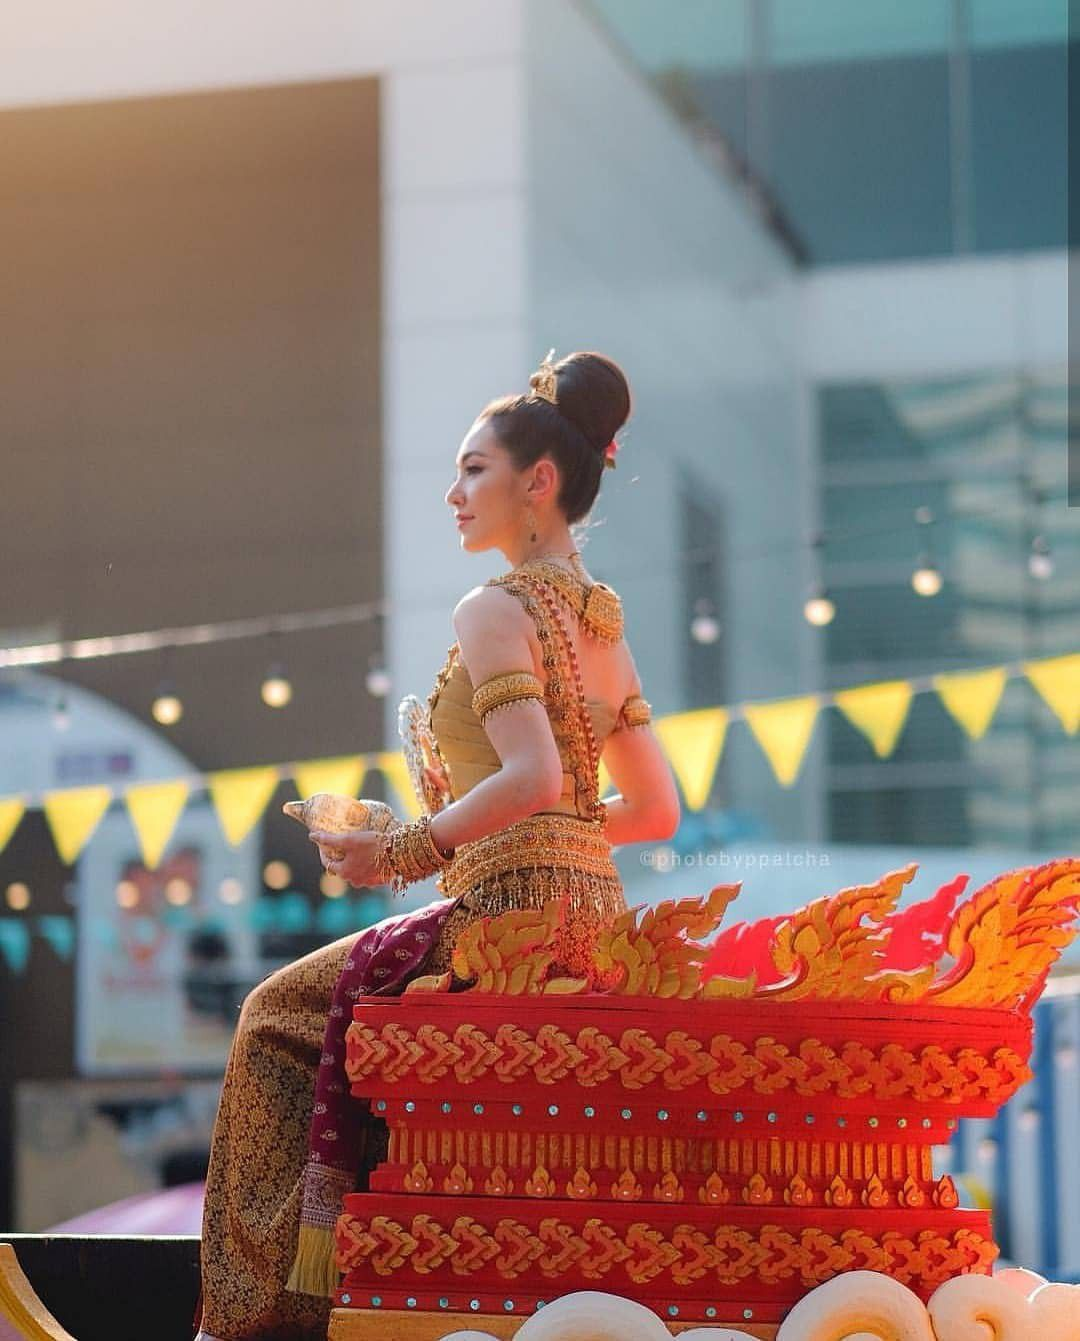 Ngắm nhăn sắc đỉnh cao của dàn mỹ nhân Tbiz khi hóa nữ thần tại Songkran 2019 (5)